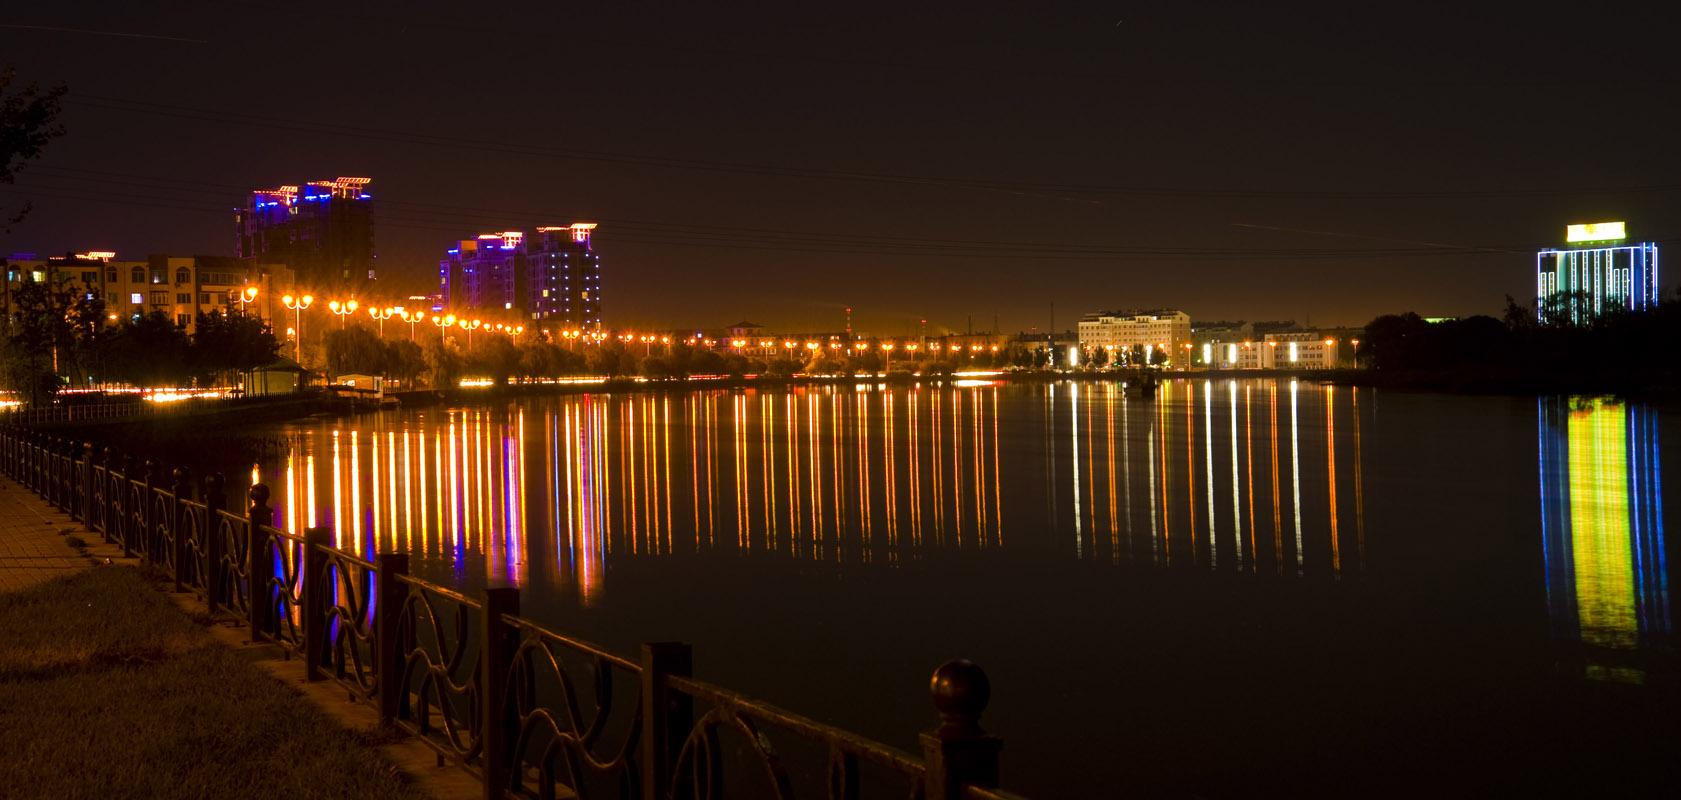 [转贴]城市的夜景(转自无名)